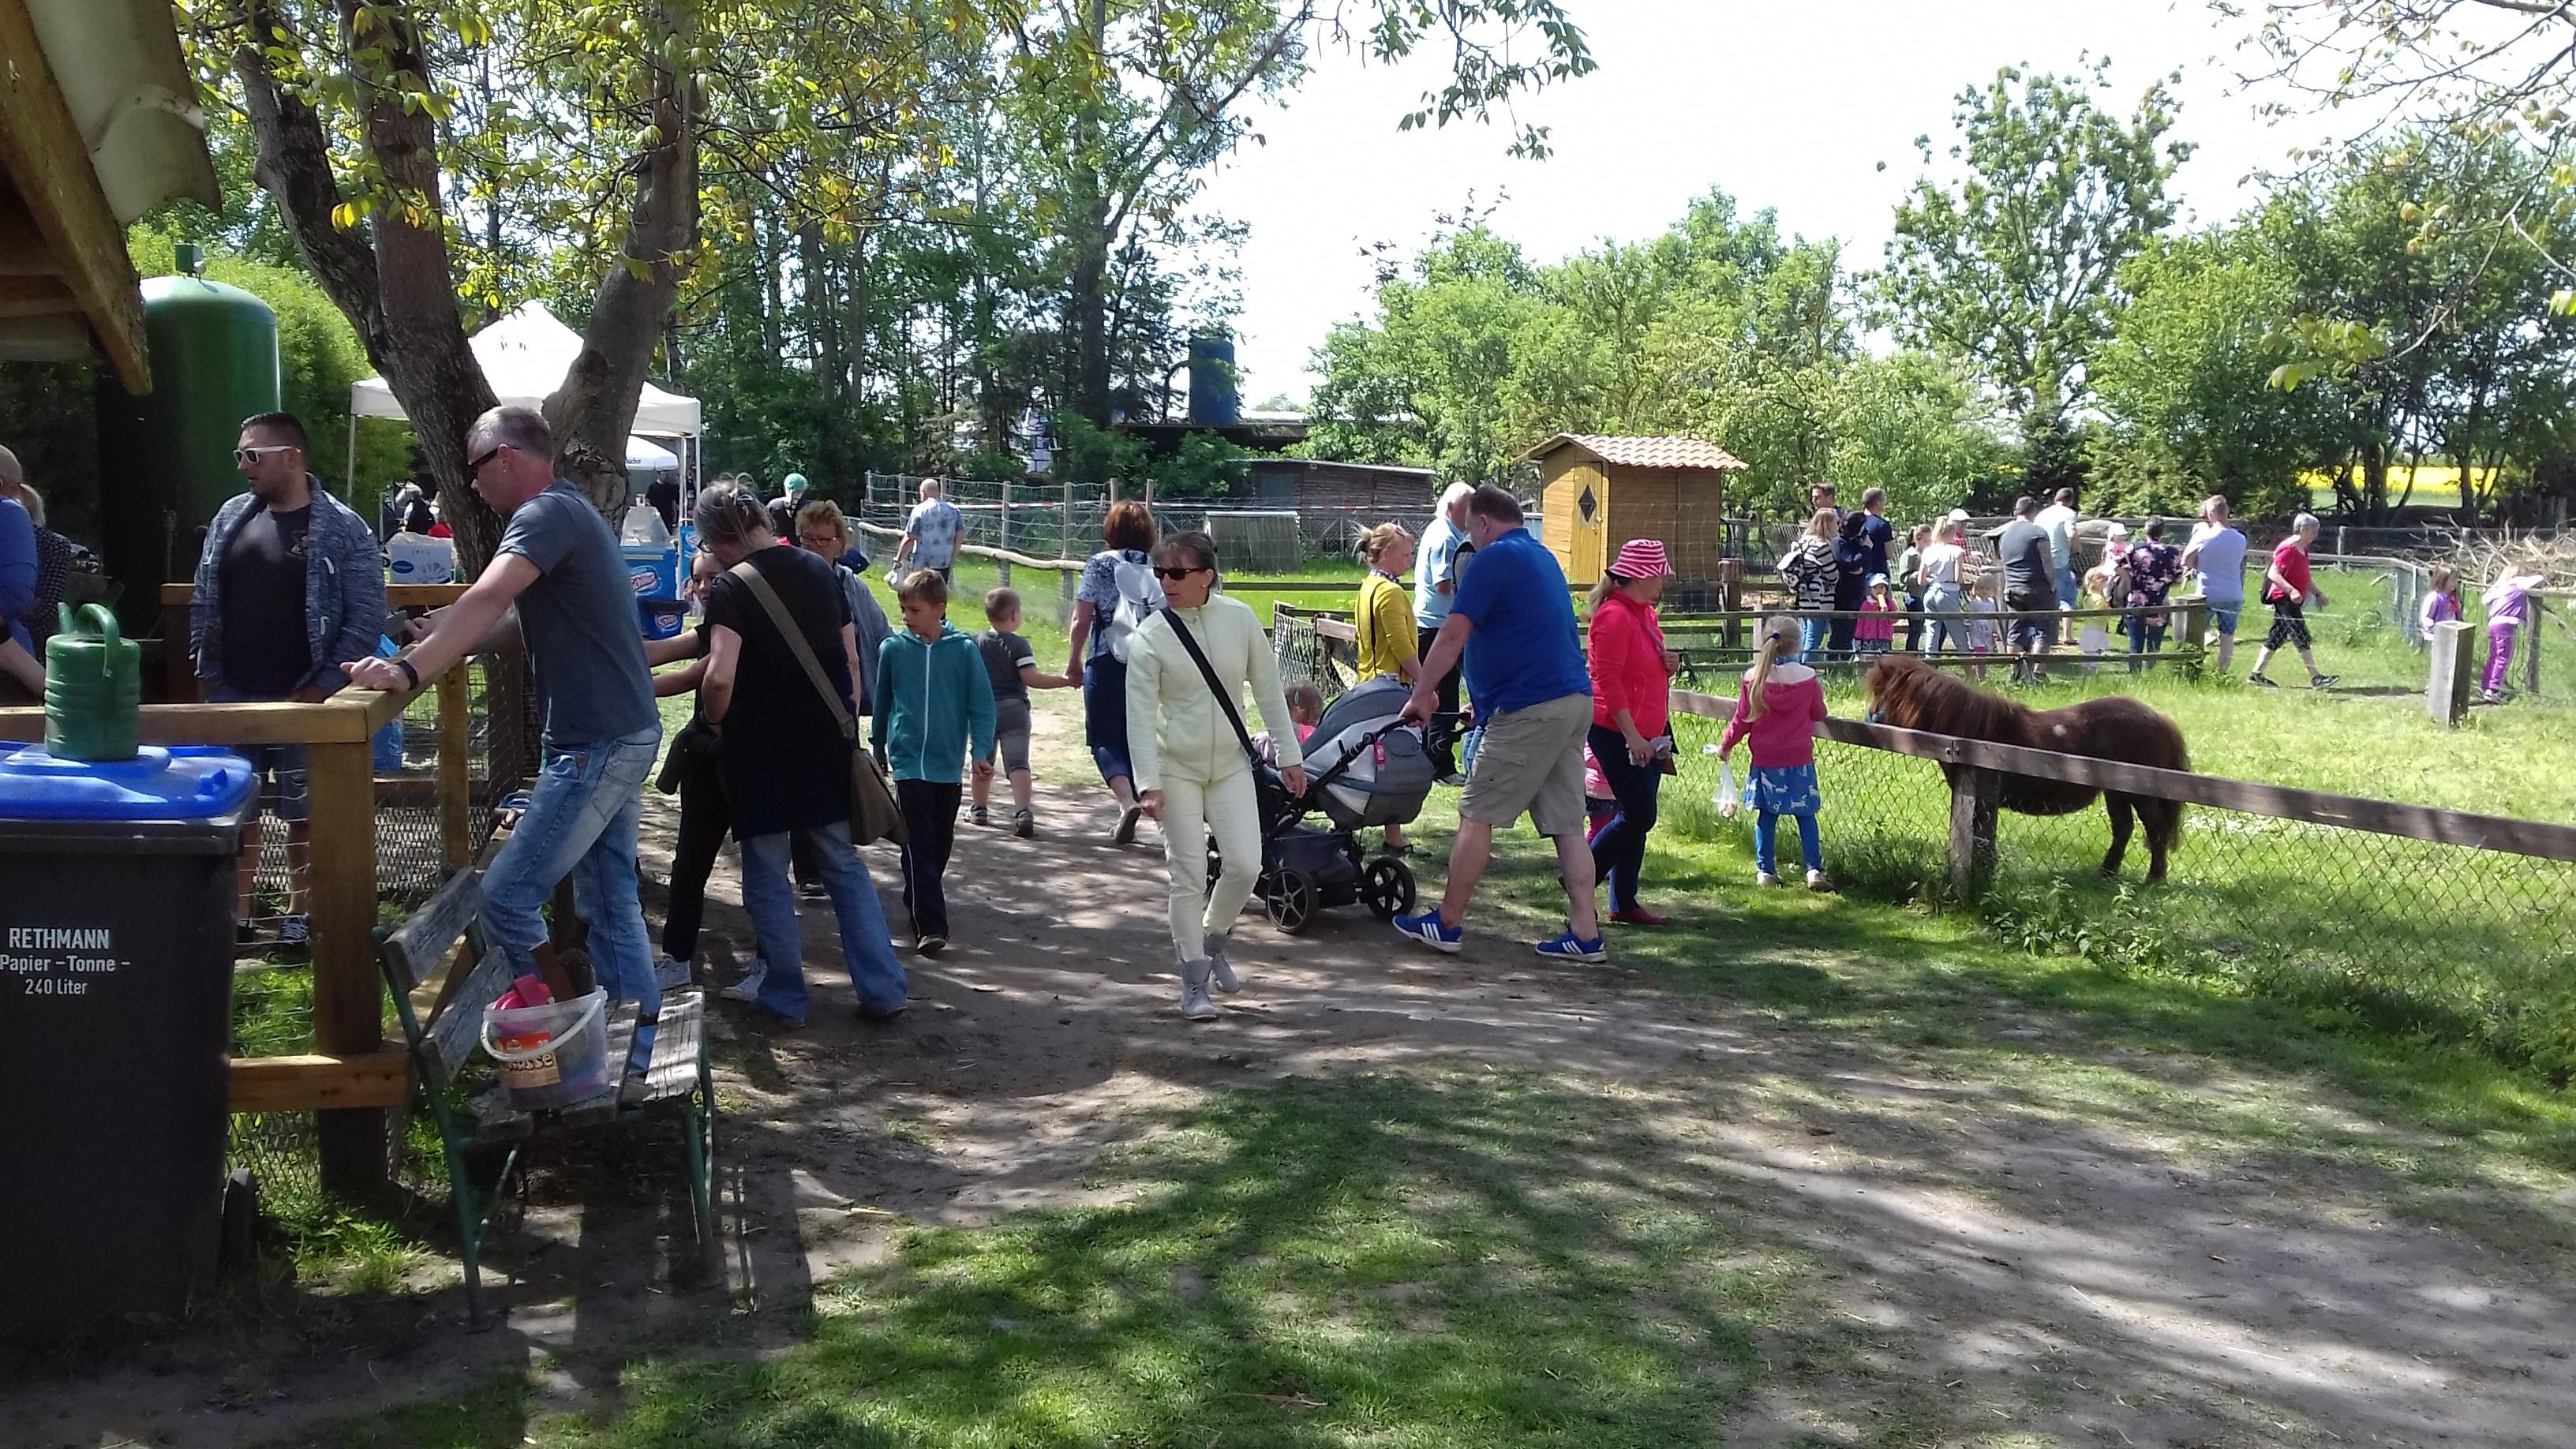 Der Röhlsche Hof - Bildungs- und Erlebnisbauernhof in Wallwitz in Sachsen-Anhalt - Brotbacktage 2019 3